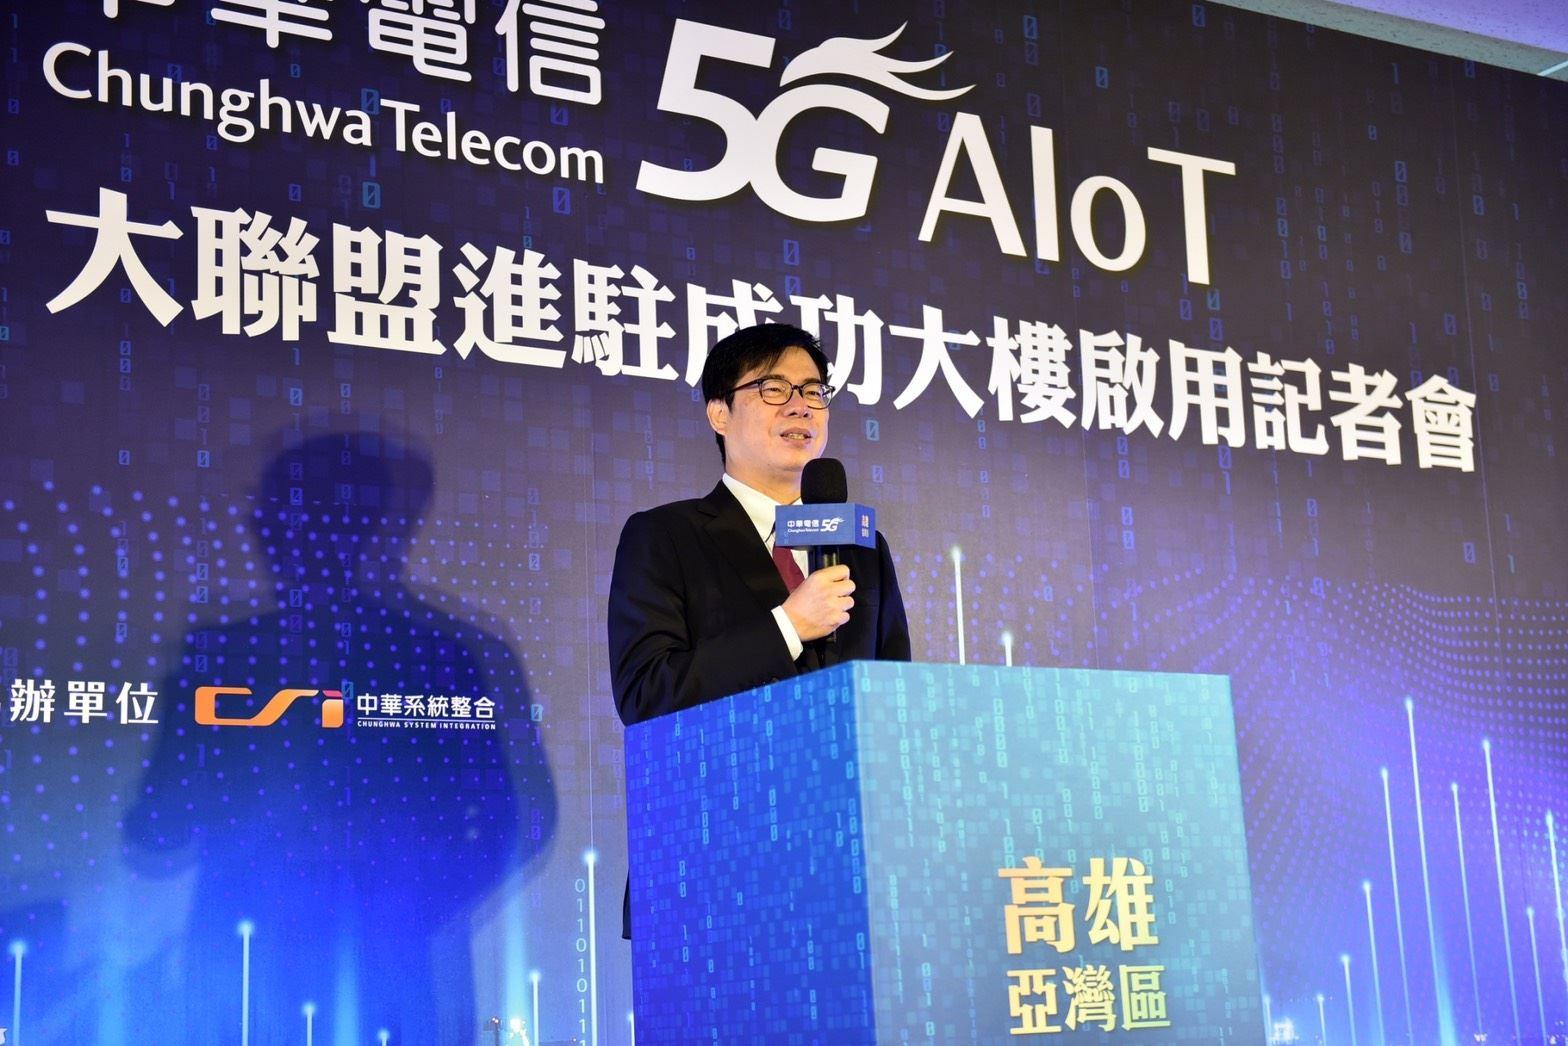 1100408中華電信5G AIoT大聯盟進駐啟用_通稿 (1).jpg